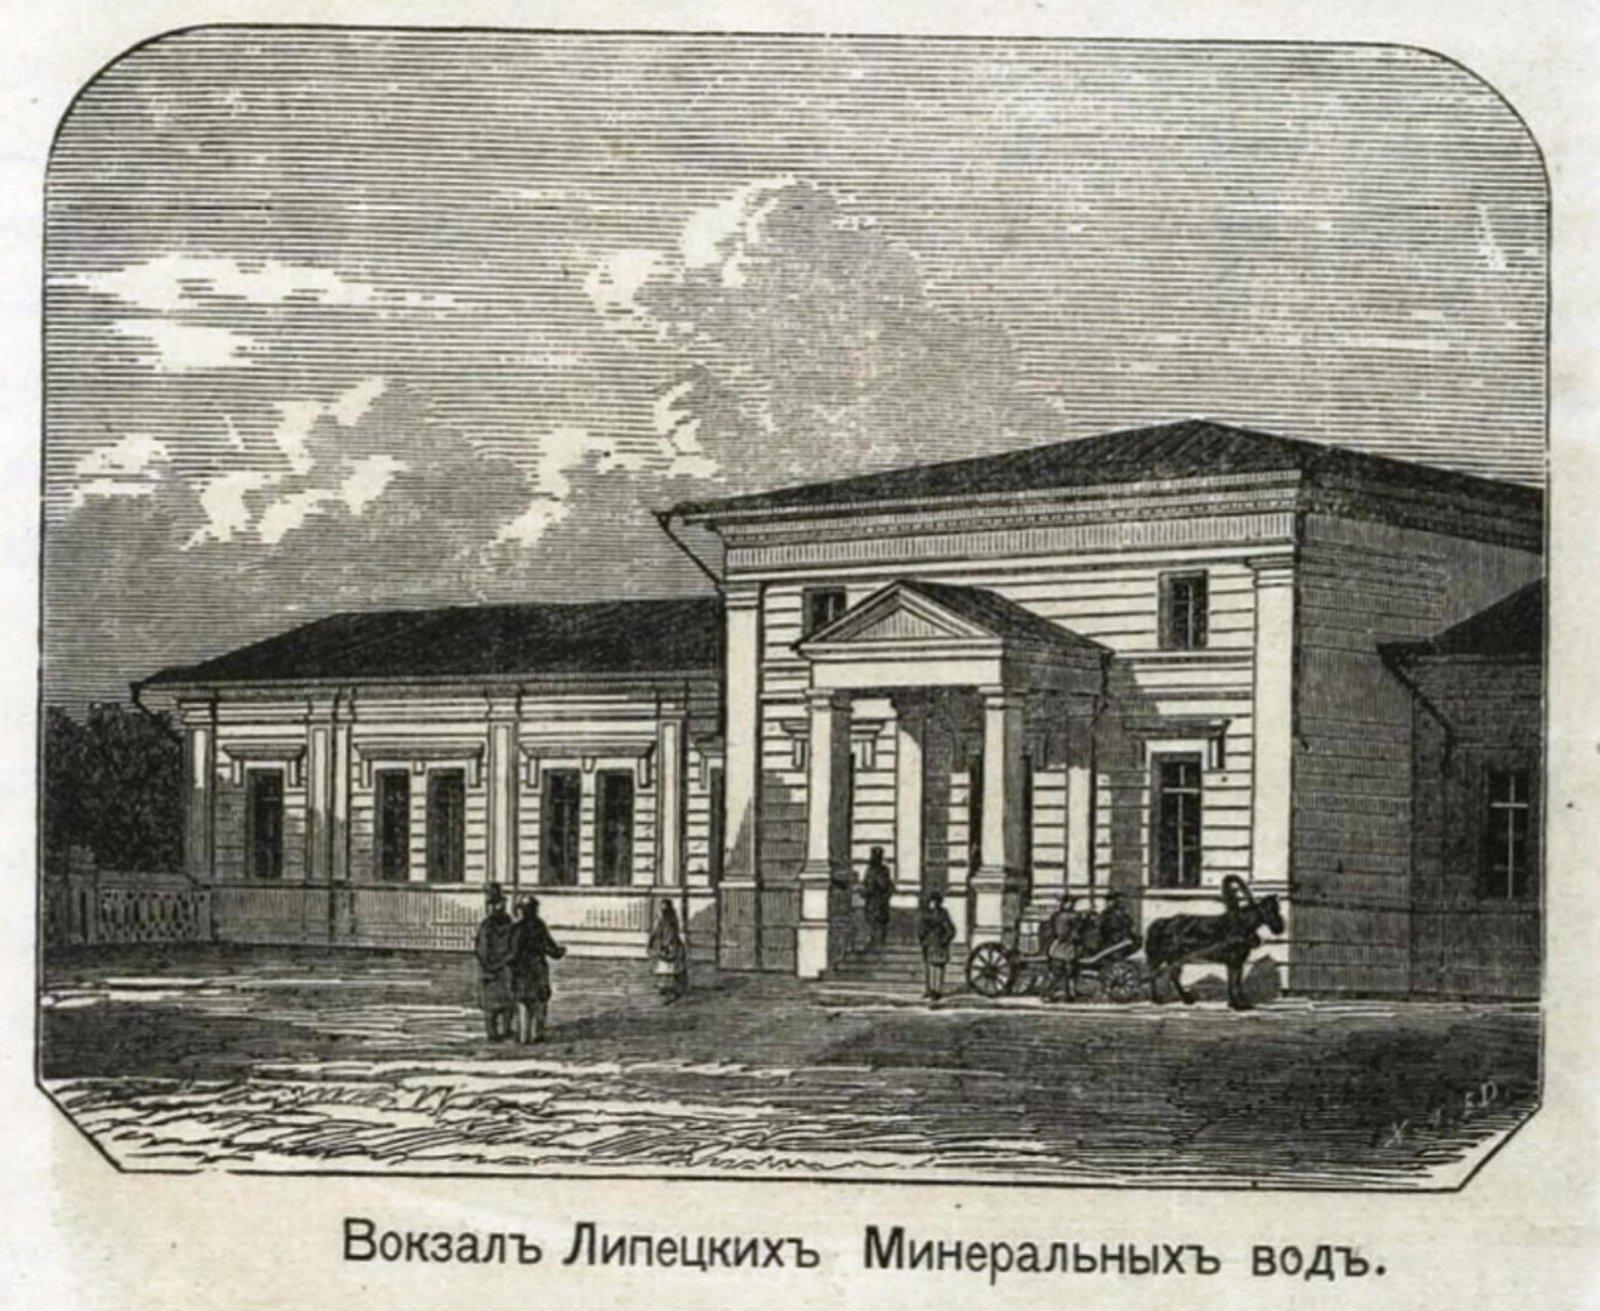 Вокзал Липецких минеральных вод